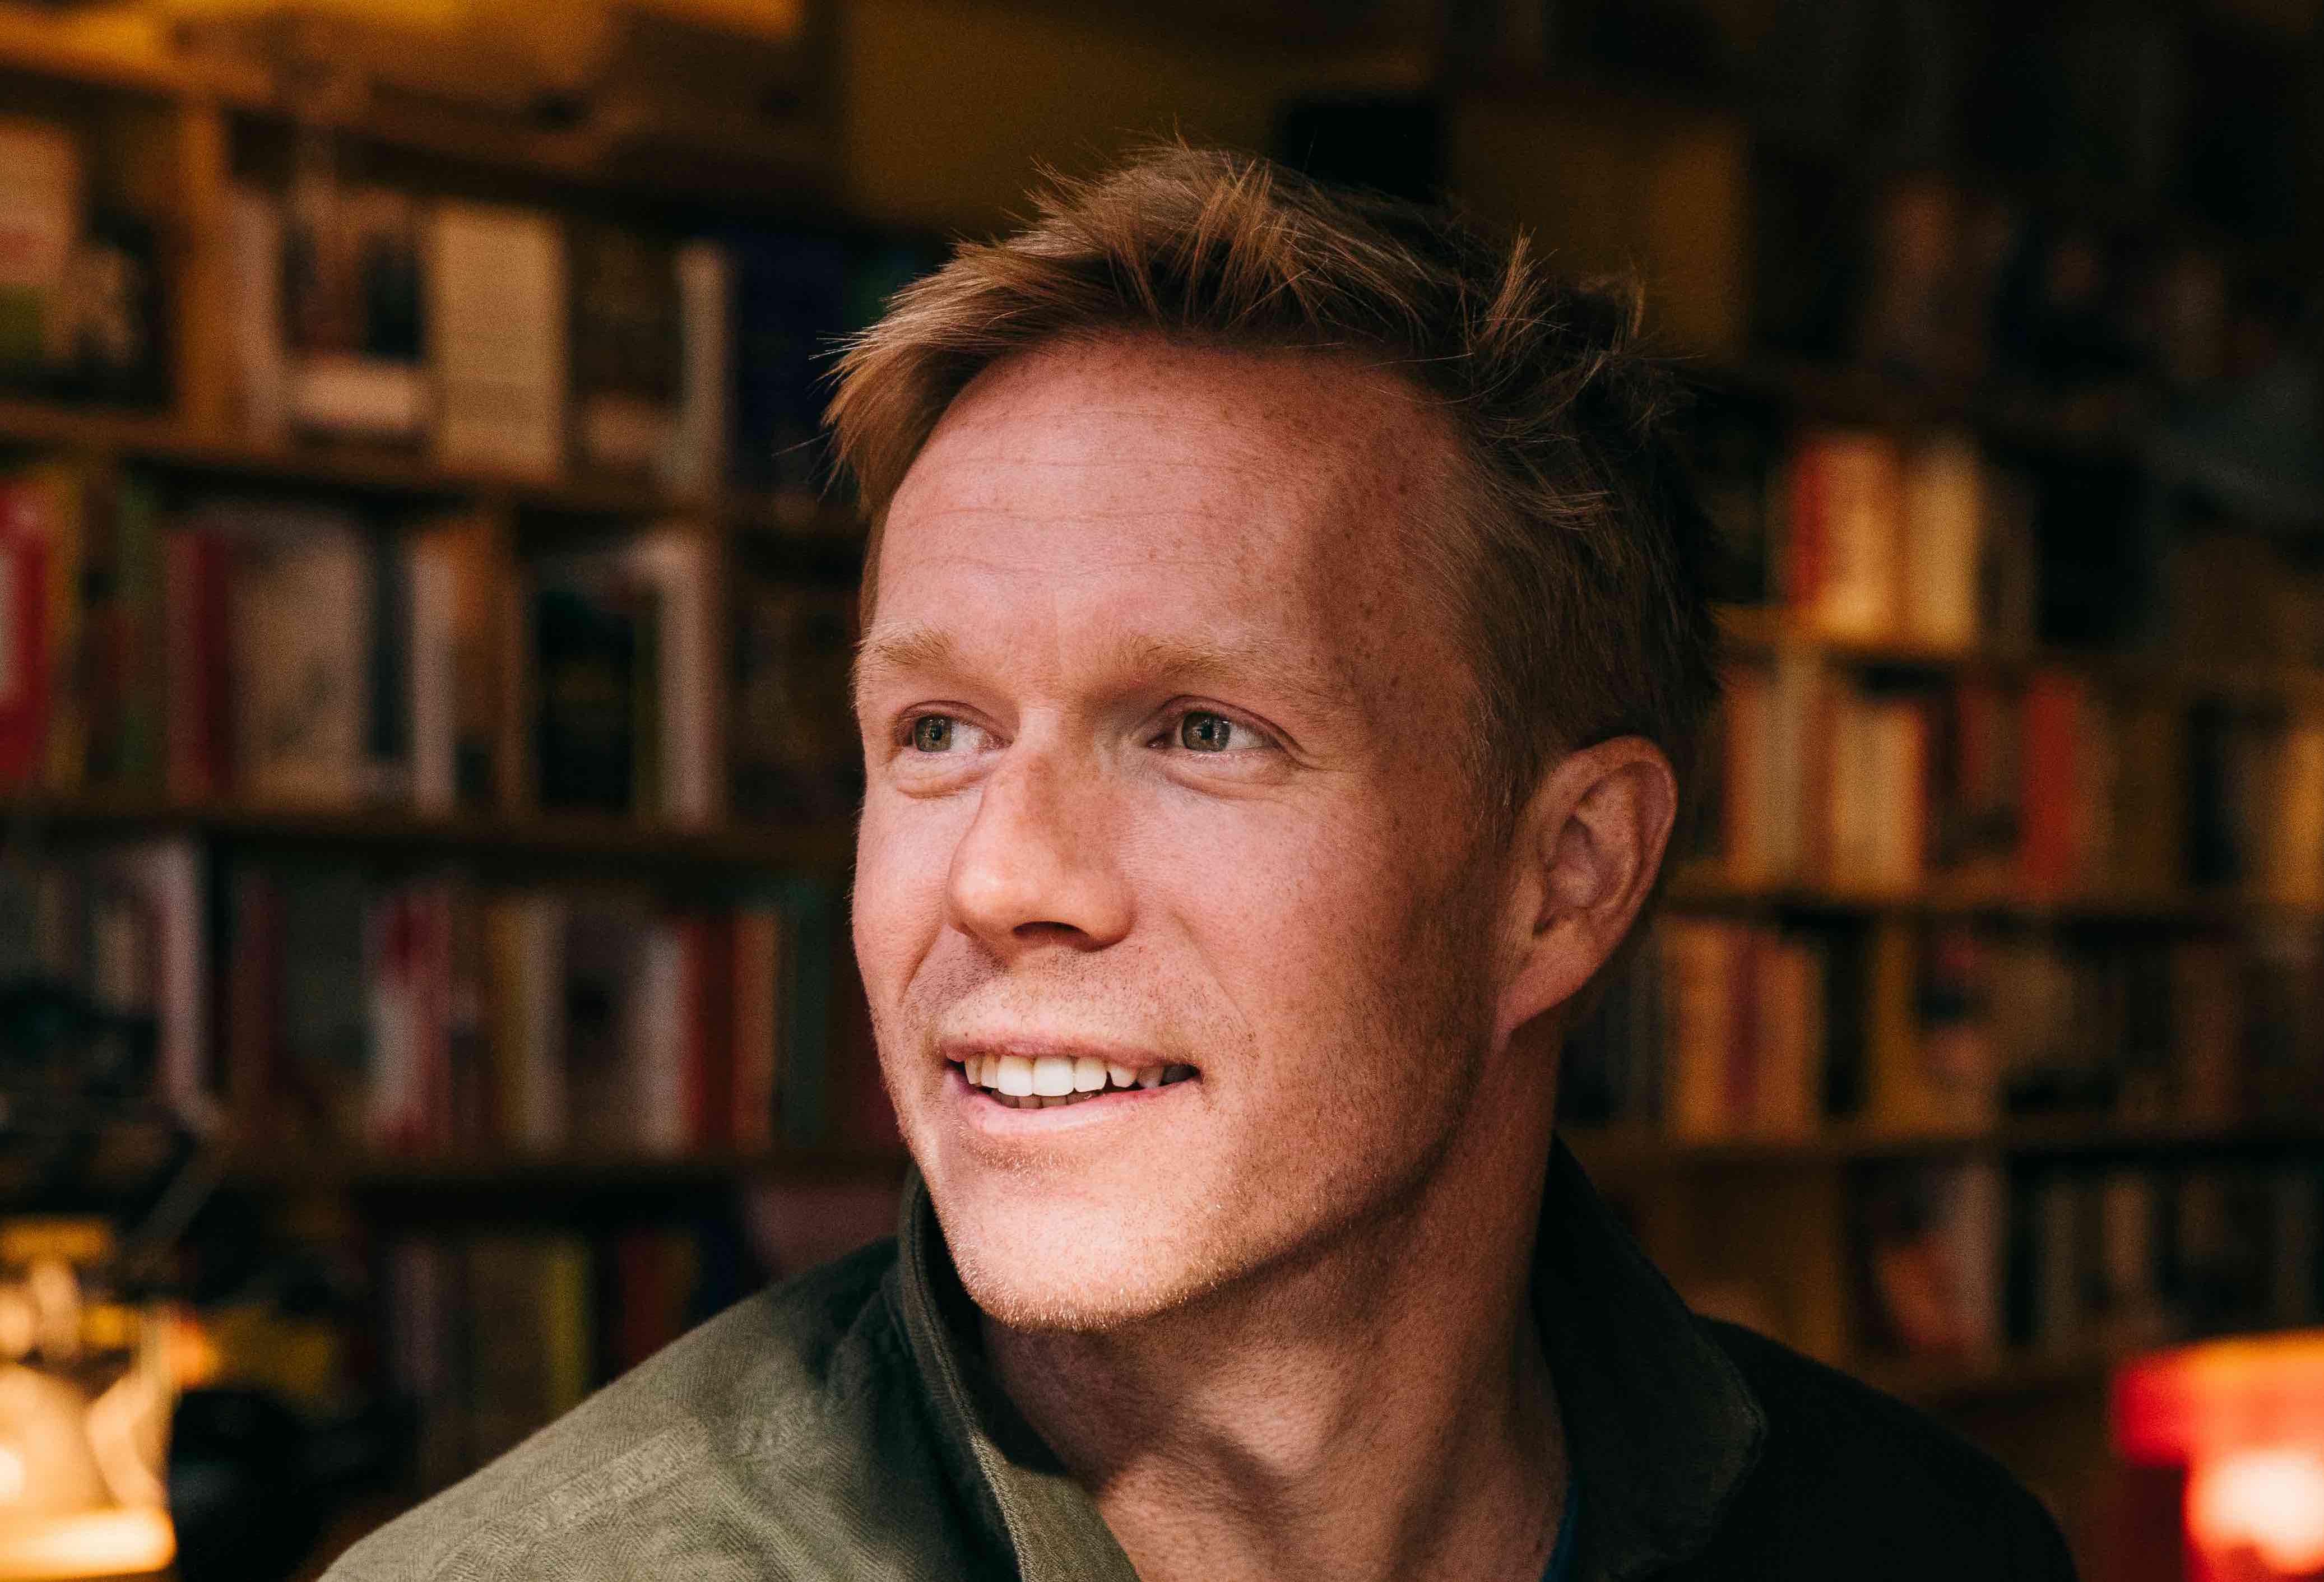 Photo of Ben Keene